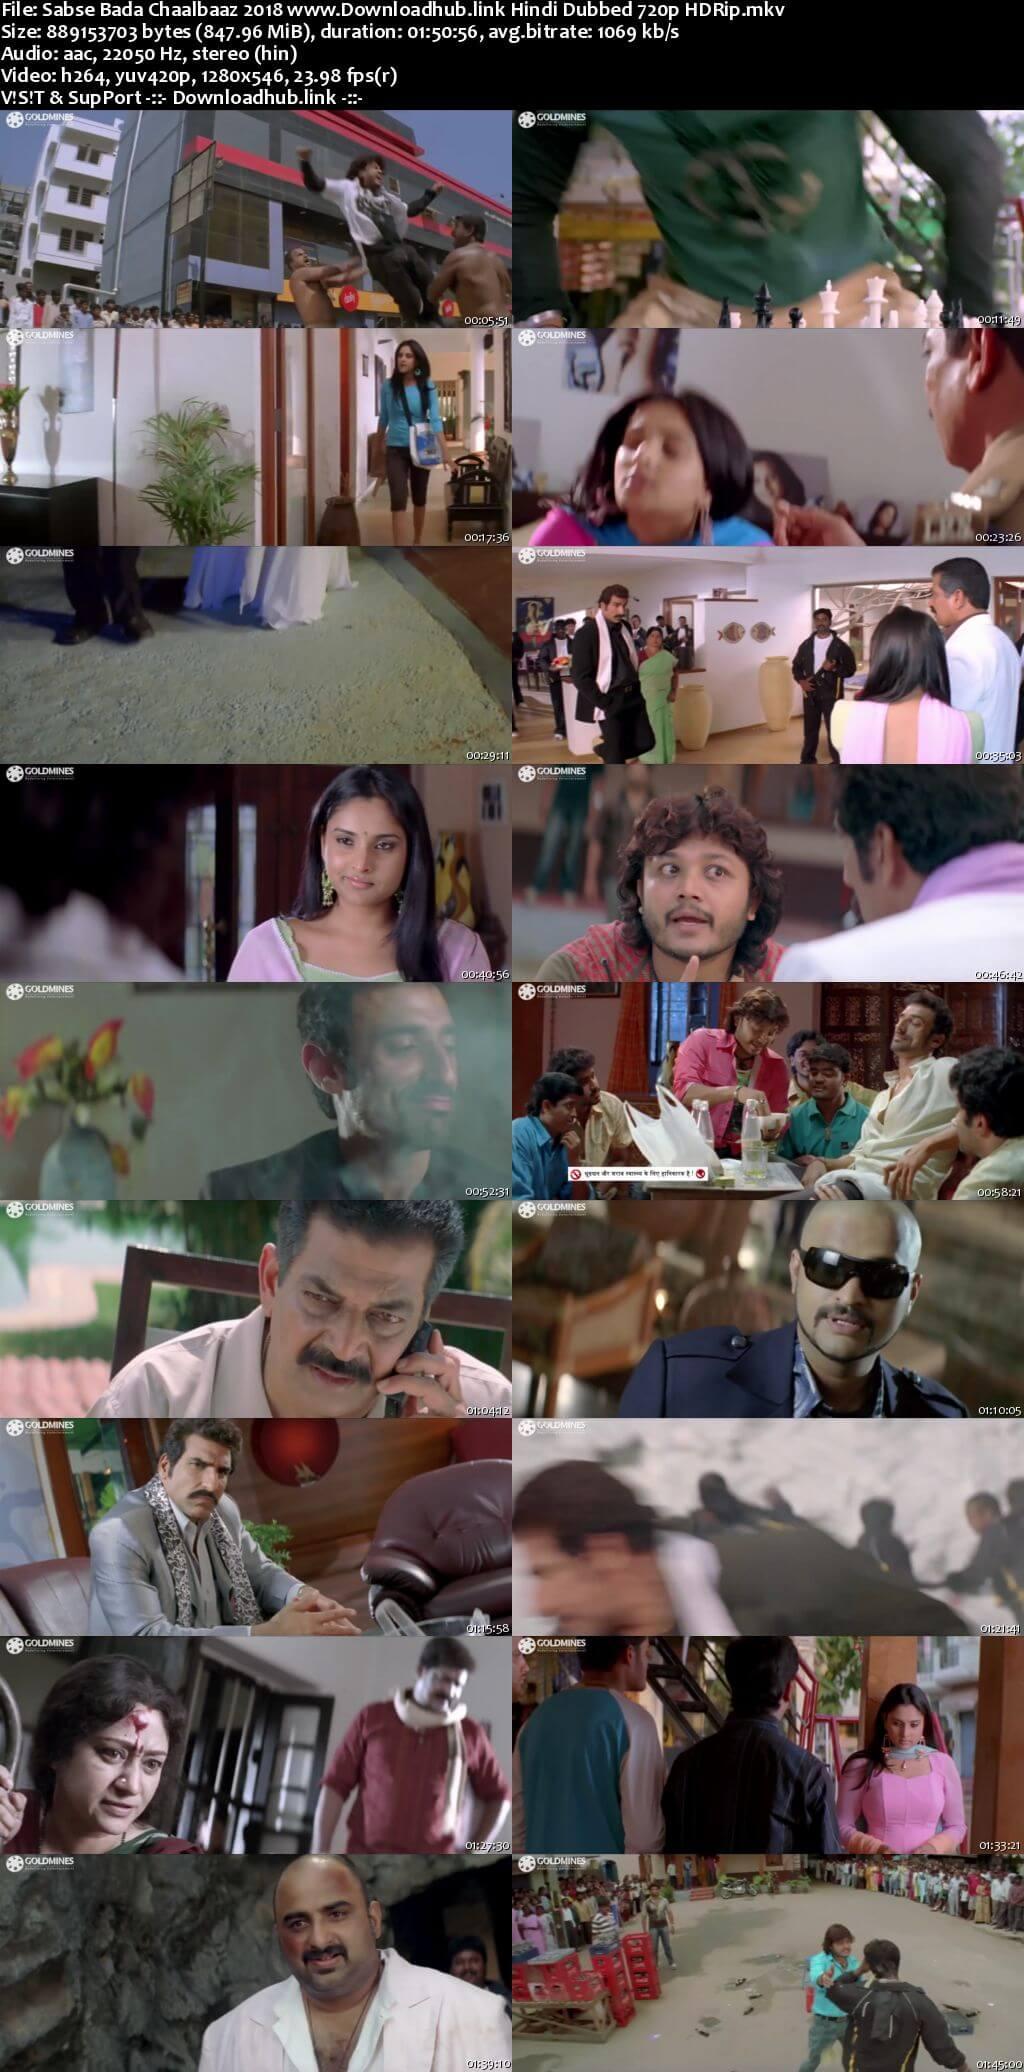 Sabse Bada Chaalbaaz 2018 Hindi Dubbed 720p HDRip x264